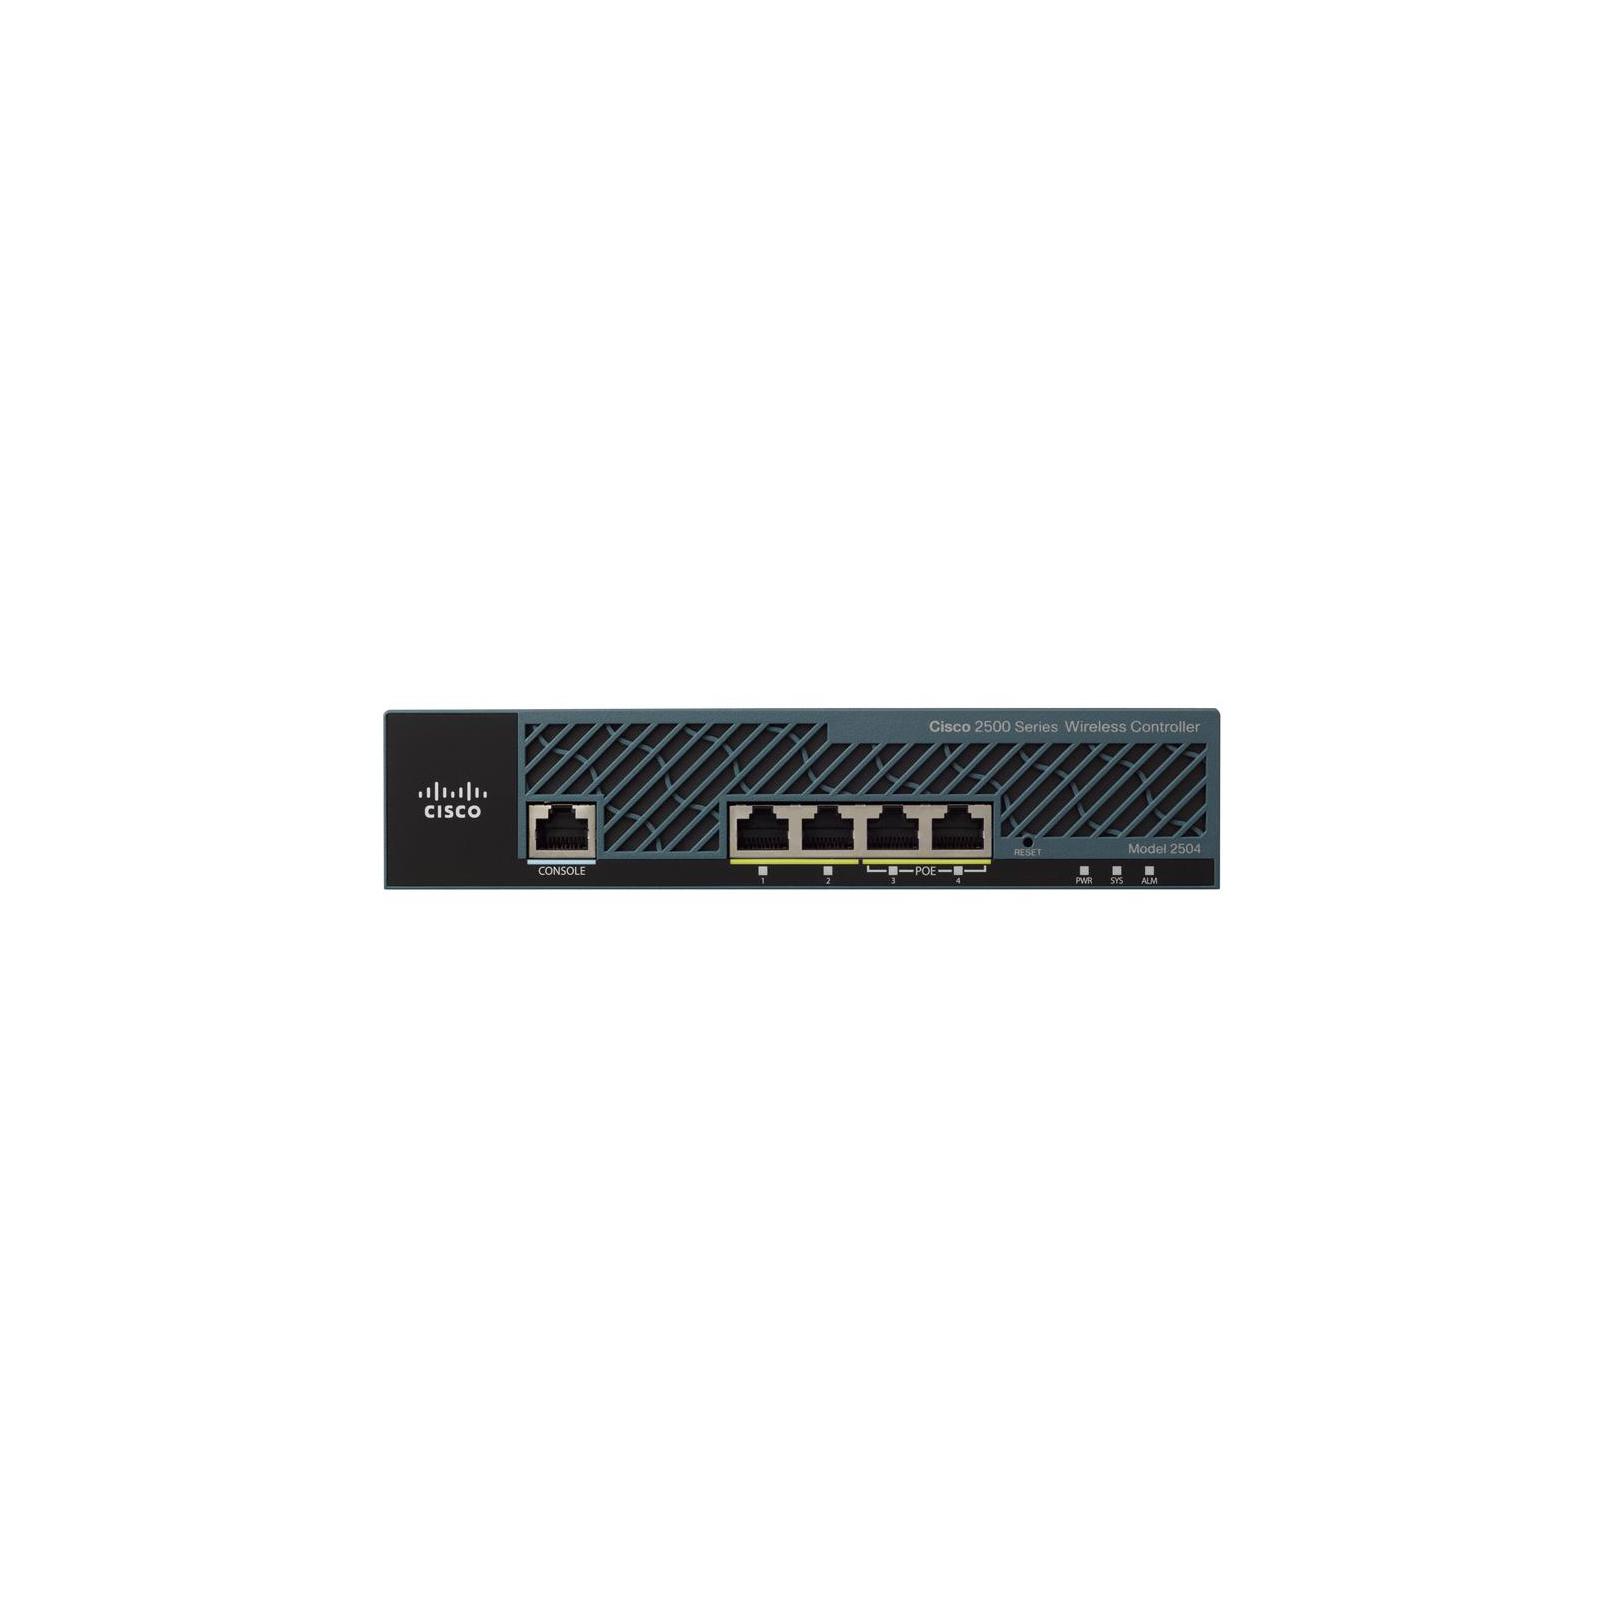 Контроллер доступа Cisco AIR-CT2504-15 (AIR-CT2504-15-K9) изображение 2